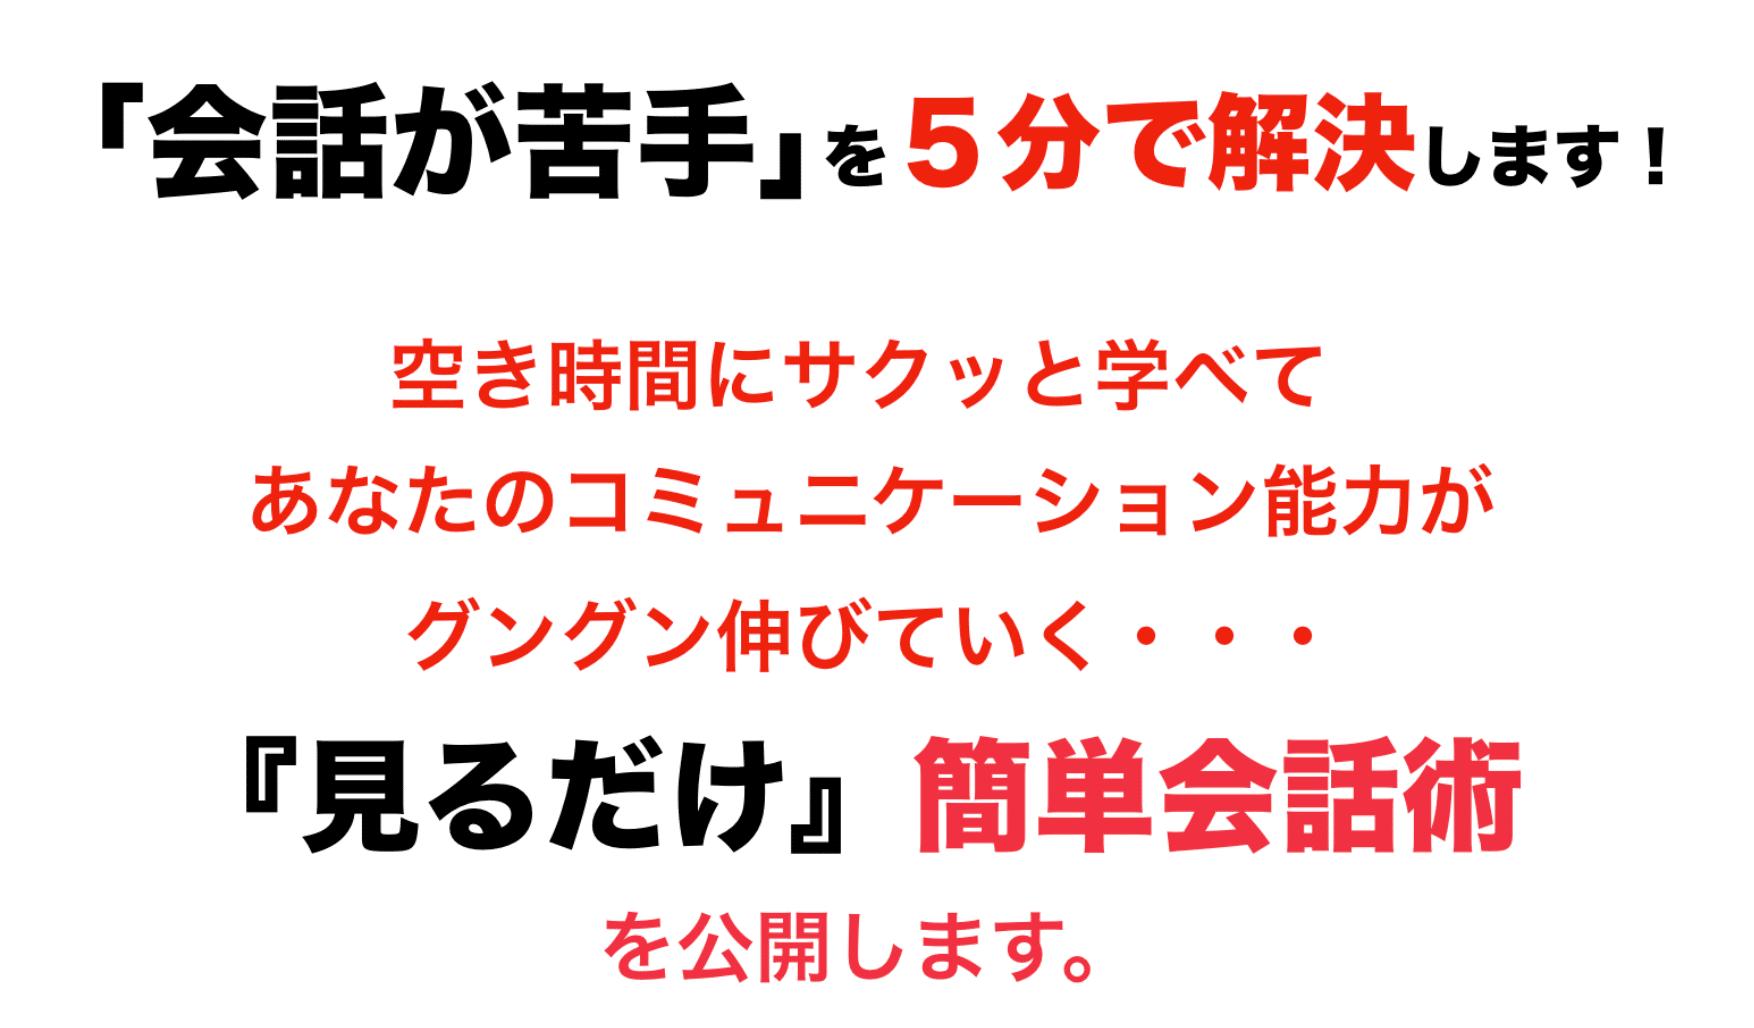 長谷川小百合の会話動画大事典の豪華特典付き評判口コミレビュー